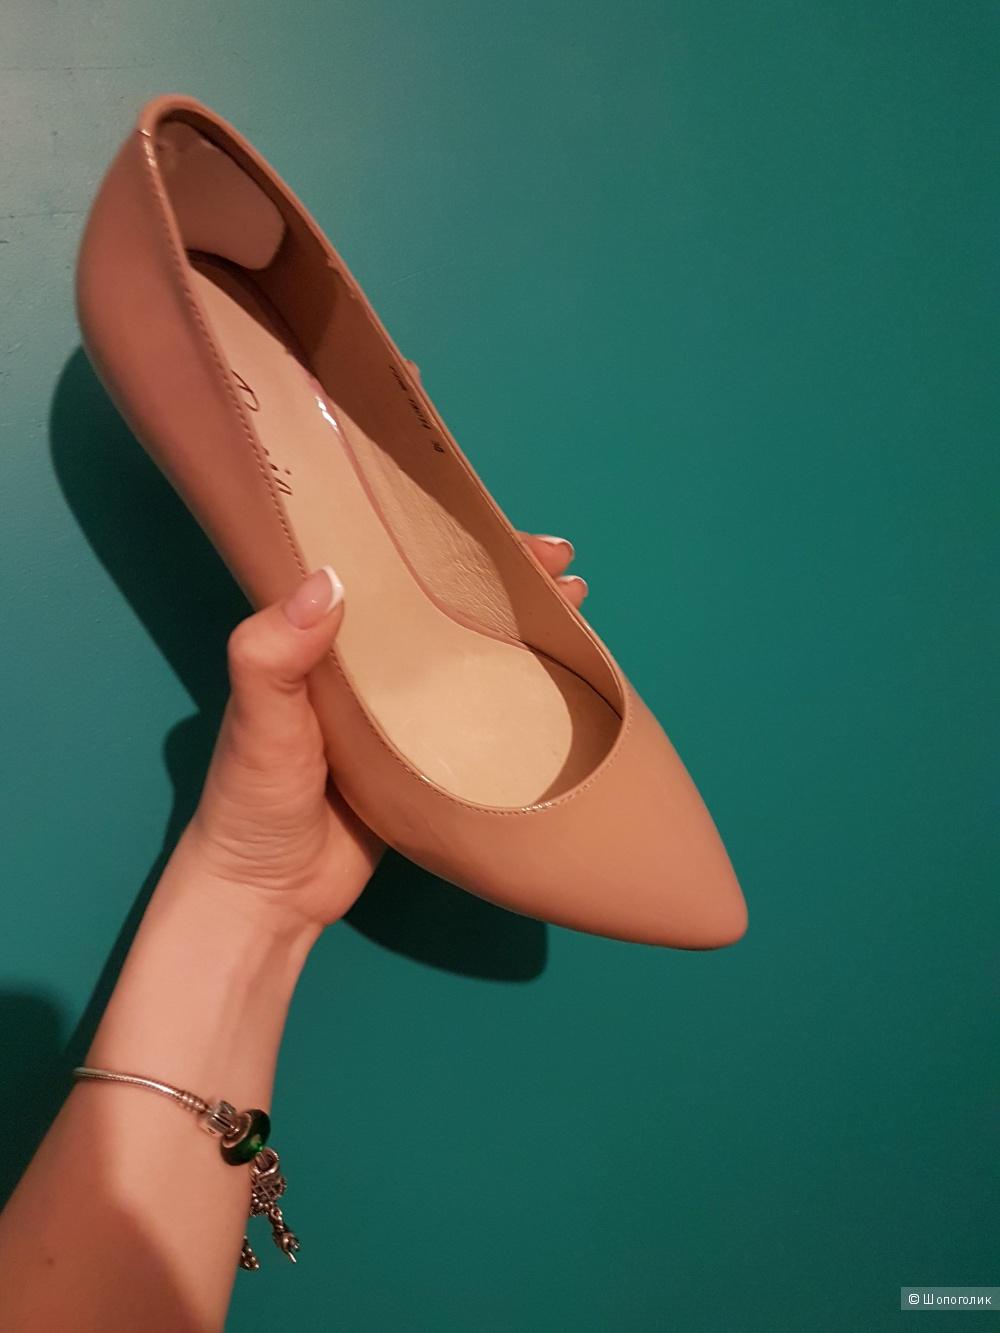 Кожаные бежевые туфли ручной работы от известного продавца на Али.